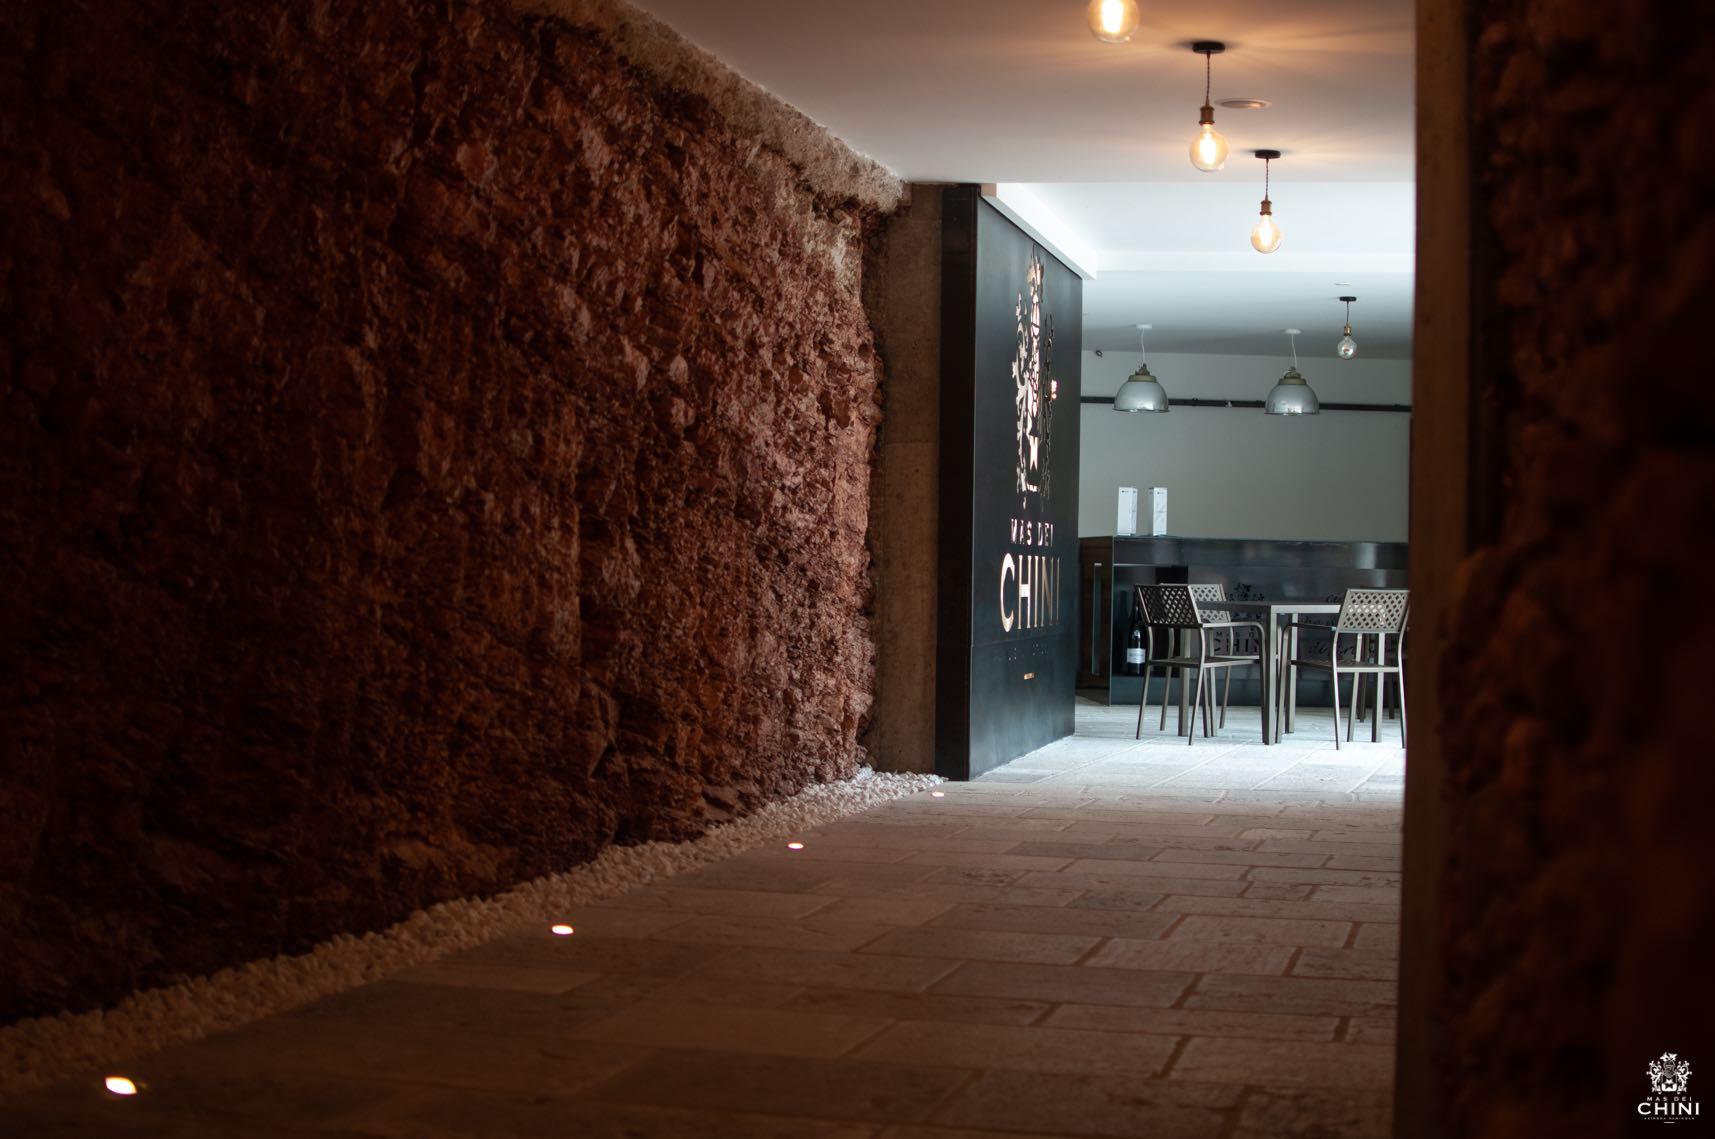 mas-dei-chini-ristorante